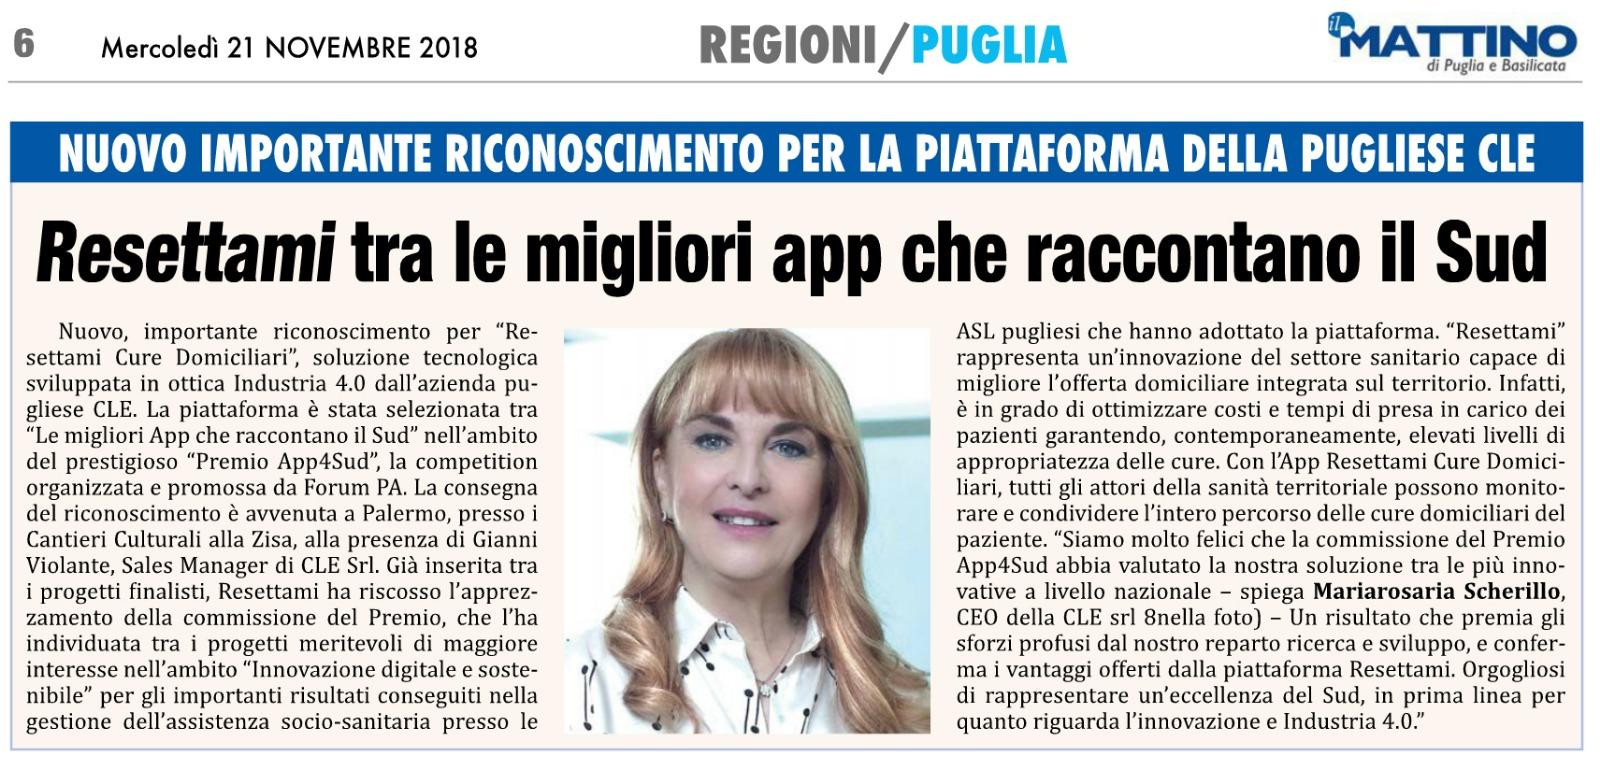 """You are currently viewing Premio App4Sud: """"Resettami Cure Domiciliari"""" dell'azienda pugliese CLE tra le migliori App che raccontano il Sud"""